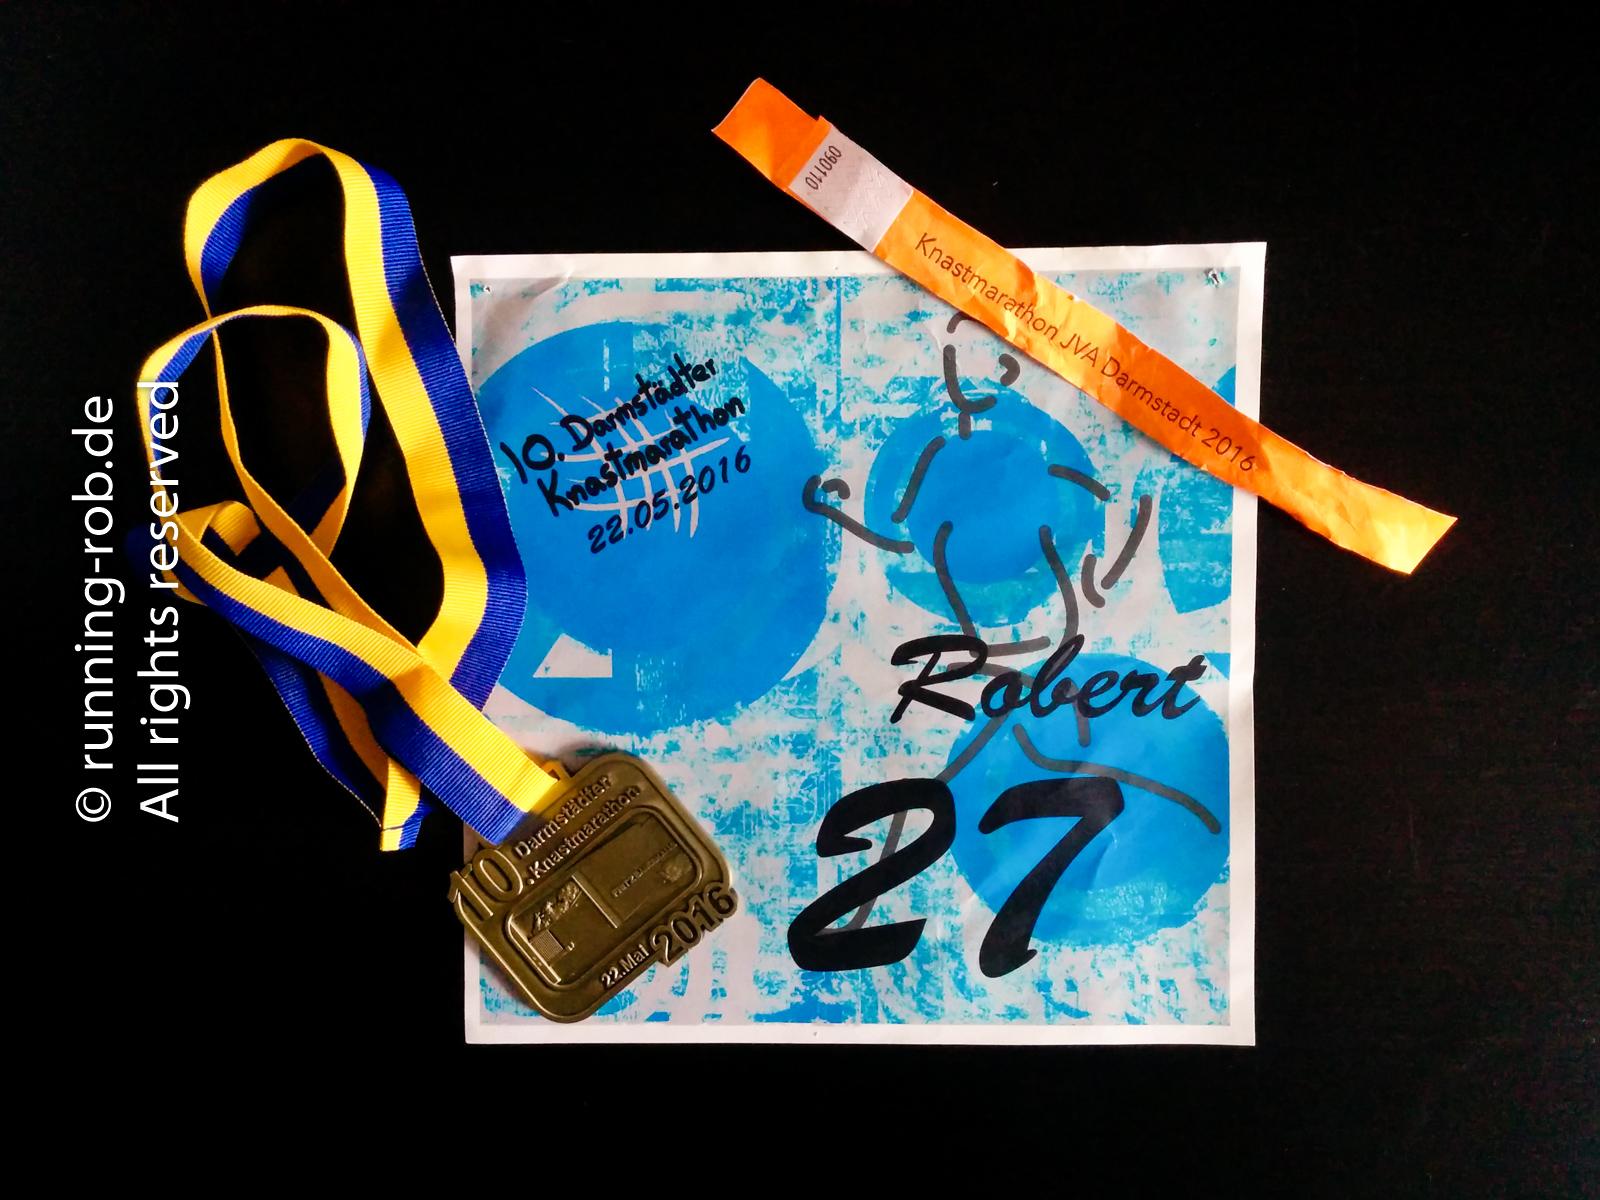 Darmstädter Knastmarathon 2016 Startnummer und Medaille